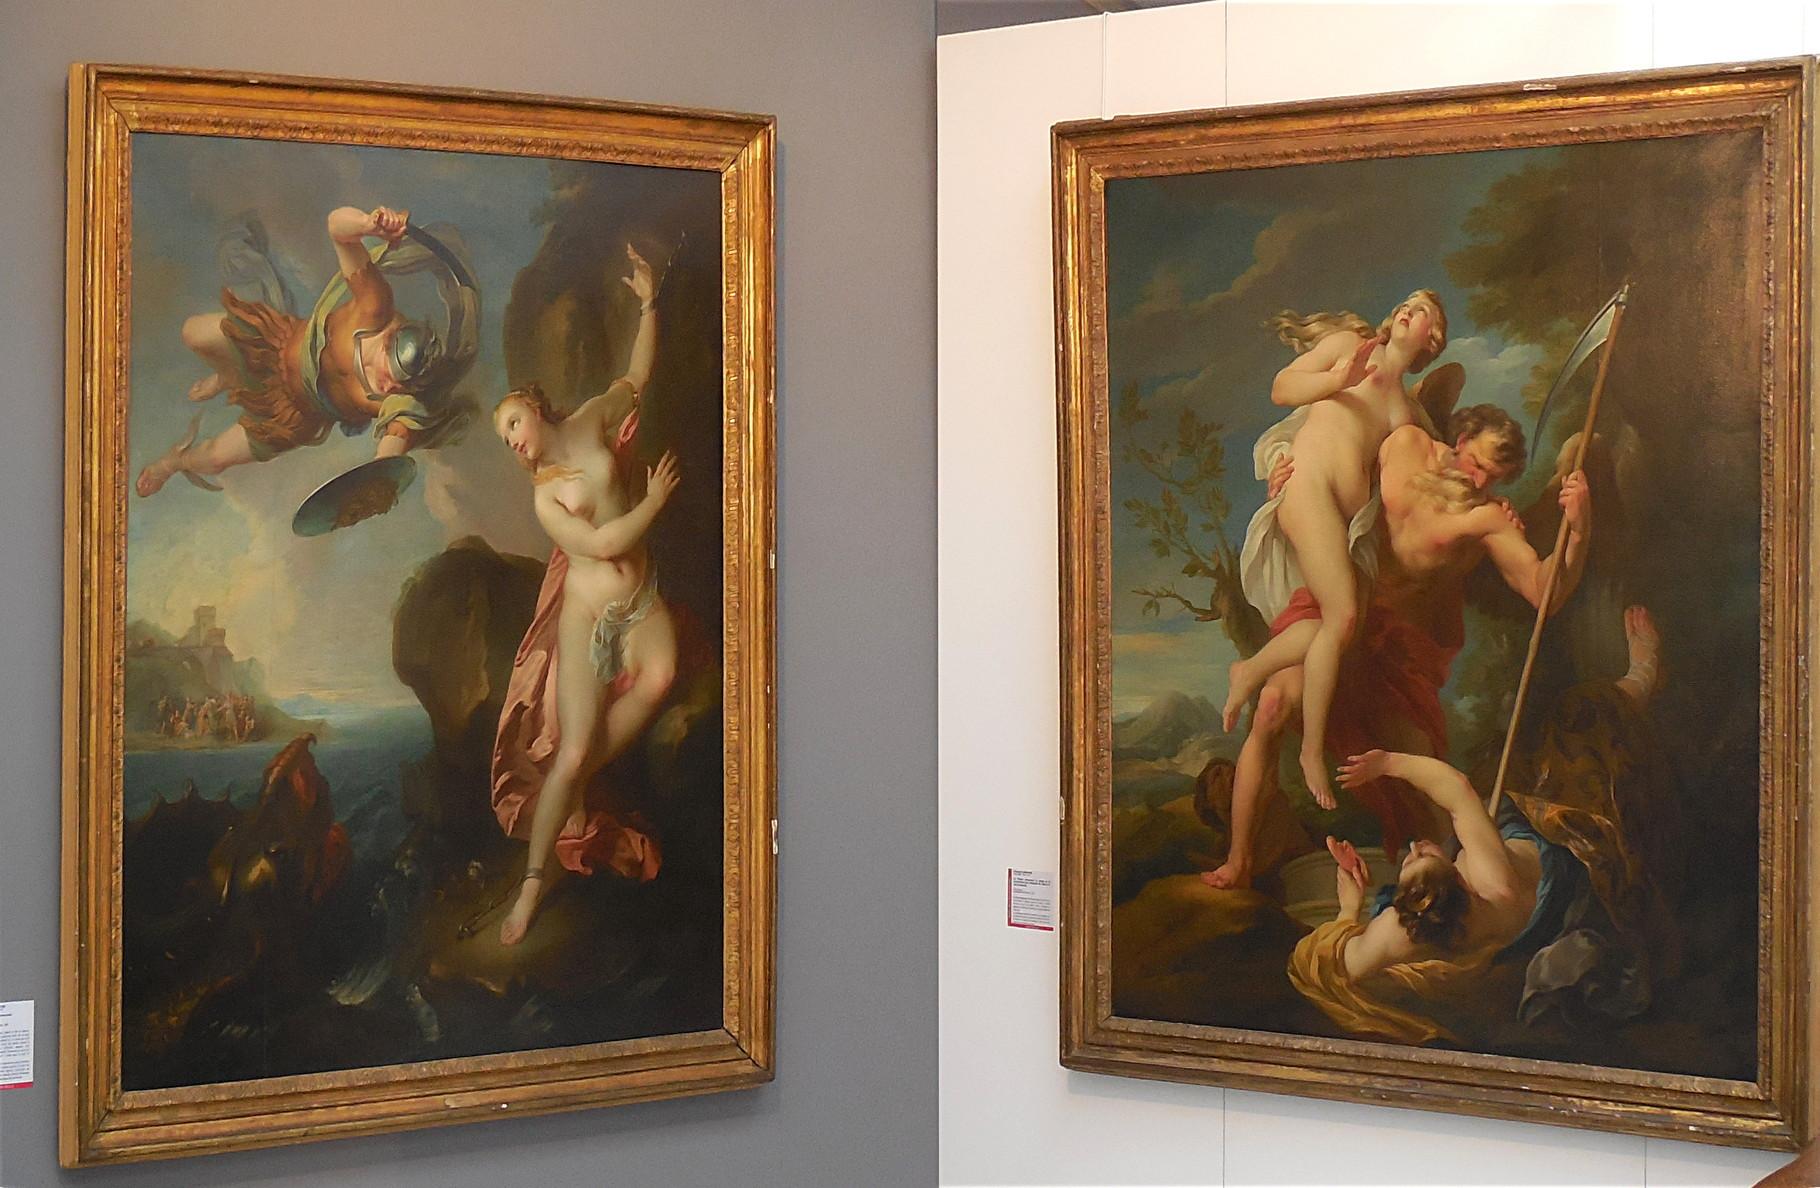 Lemoyne François (1688-1737) Persée délivrant Andromède et Le temps / Musée Boucher-de-Perthes, Abbeville / photo JH